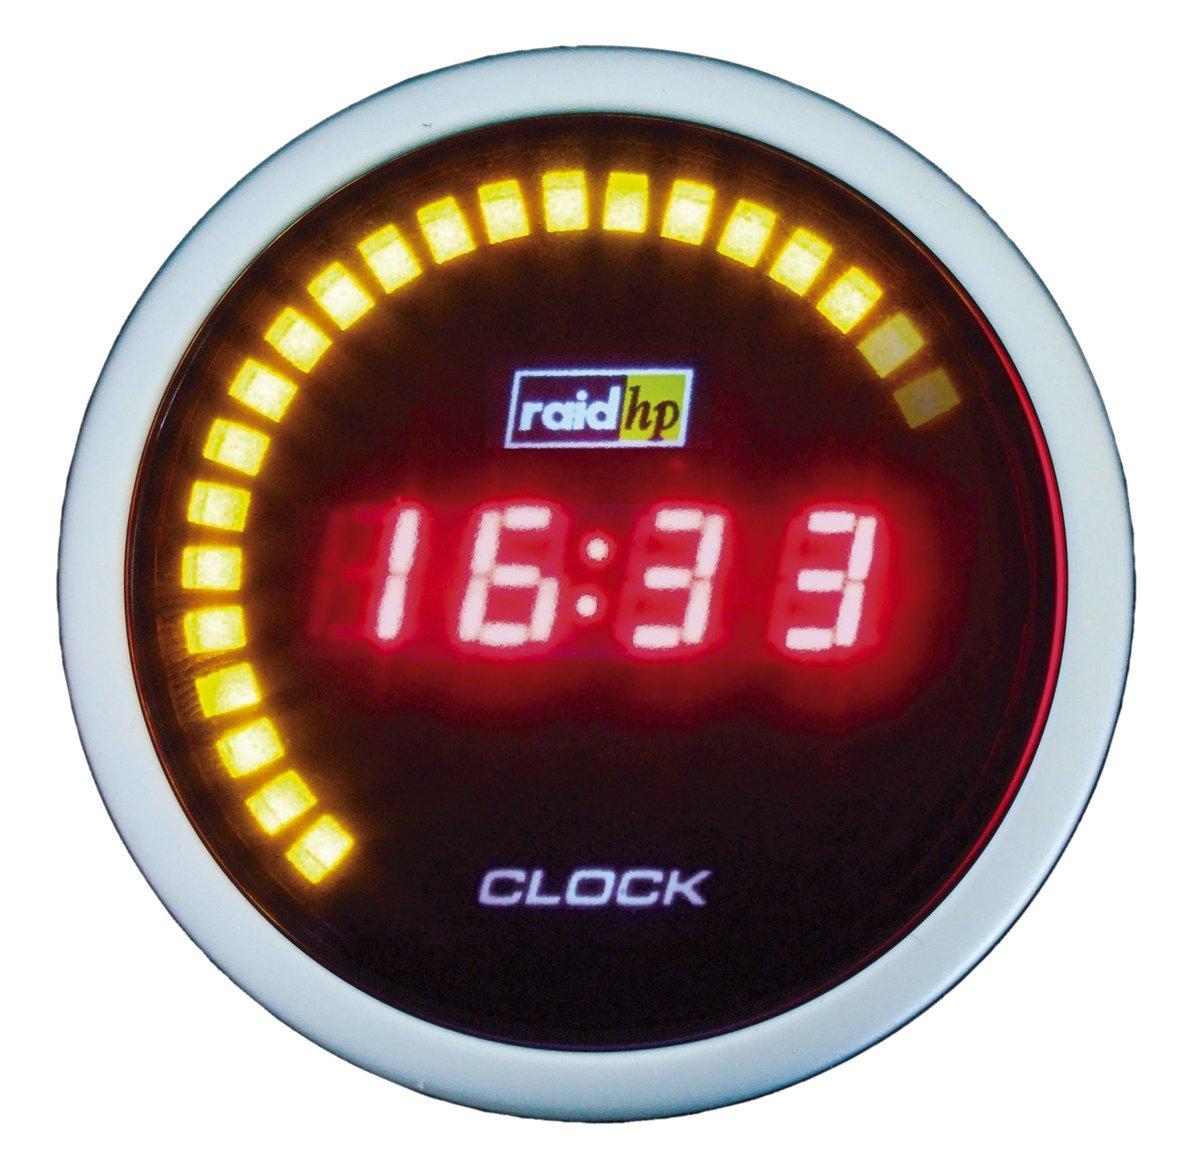 Raid HP 660542 Zusatzinstrument Uhr Serie Night Flight Digital Red